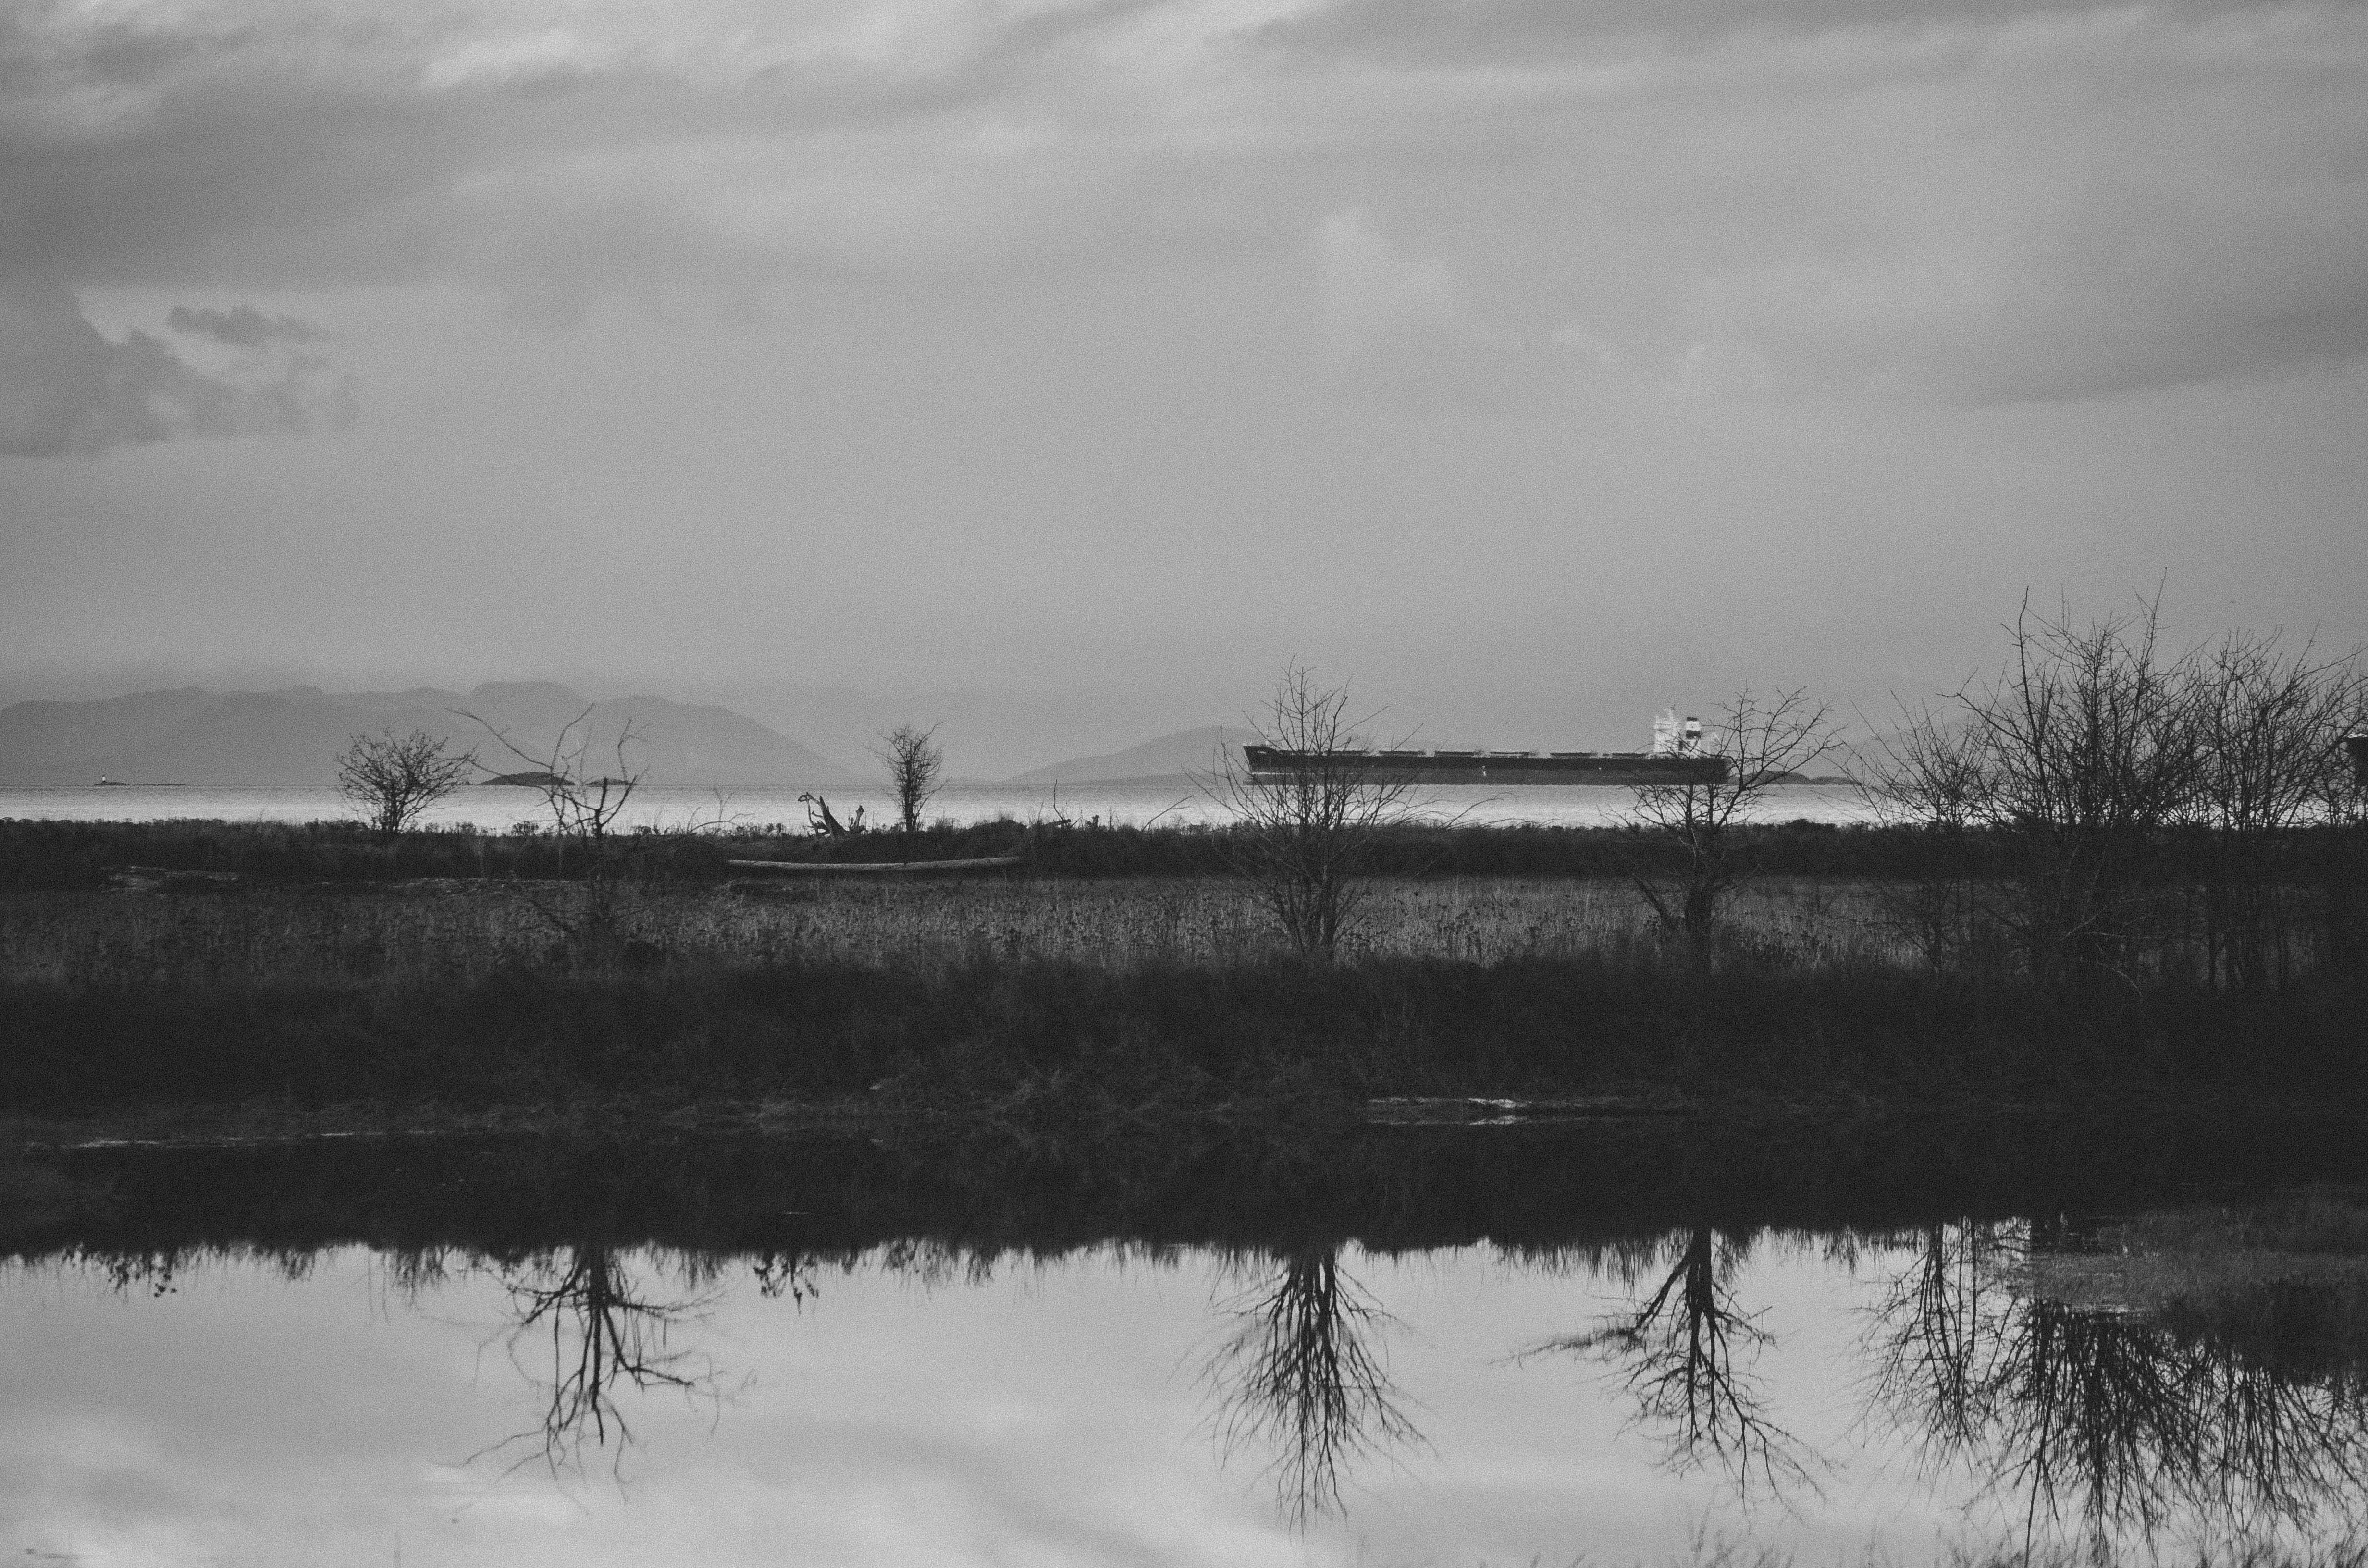 Nanaimo River Estuary, Blackandwhite, Field, Landscape, Monochrome, HQ Photo